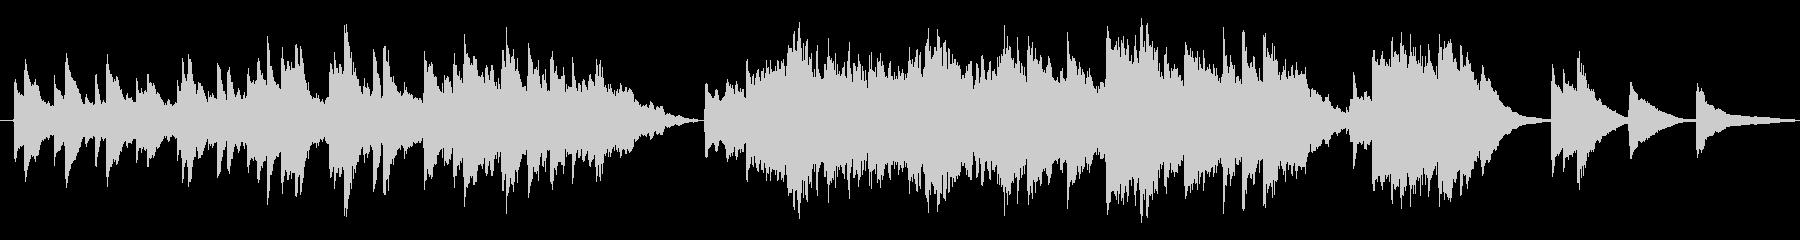 セピア色の写真のようなピアノの音が特徴…の未再生の波形